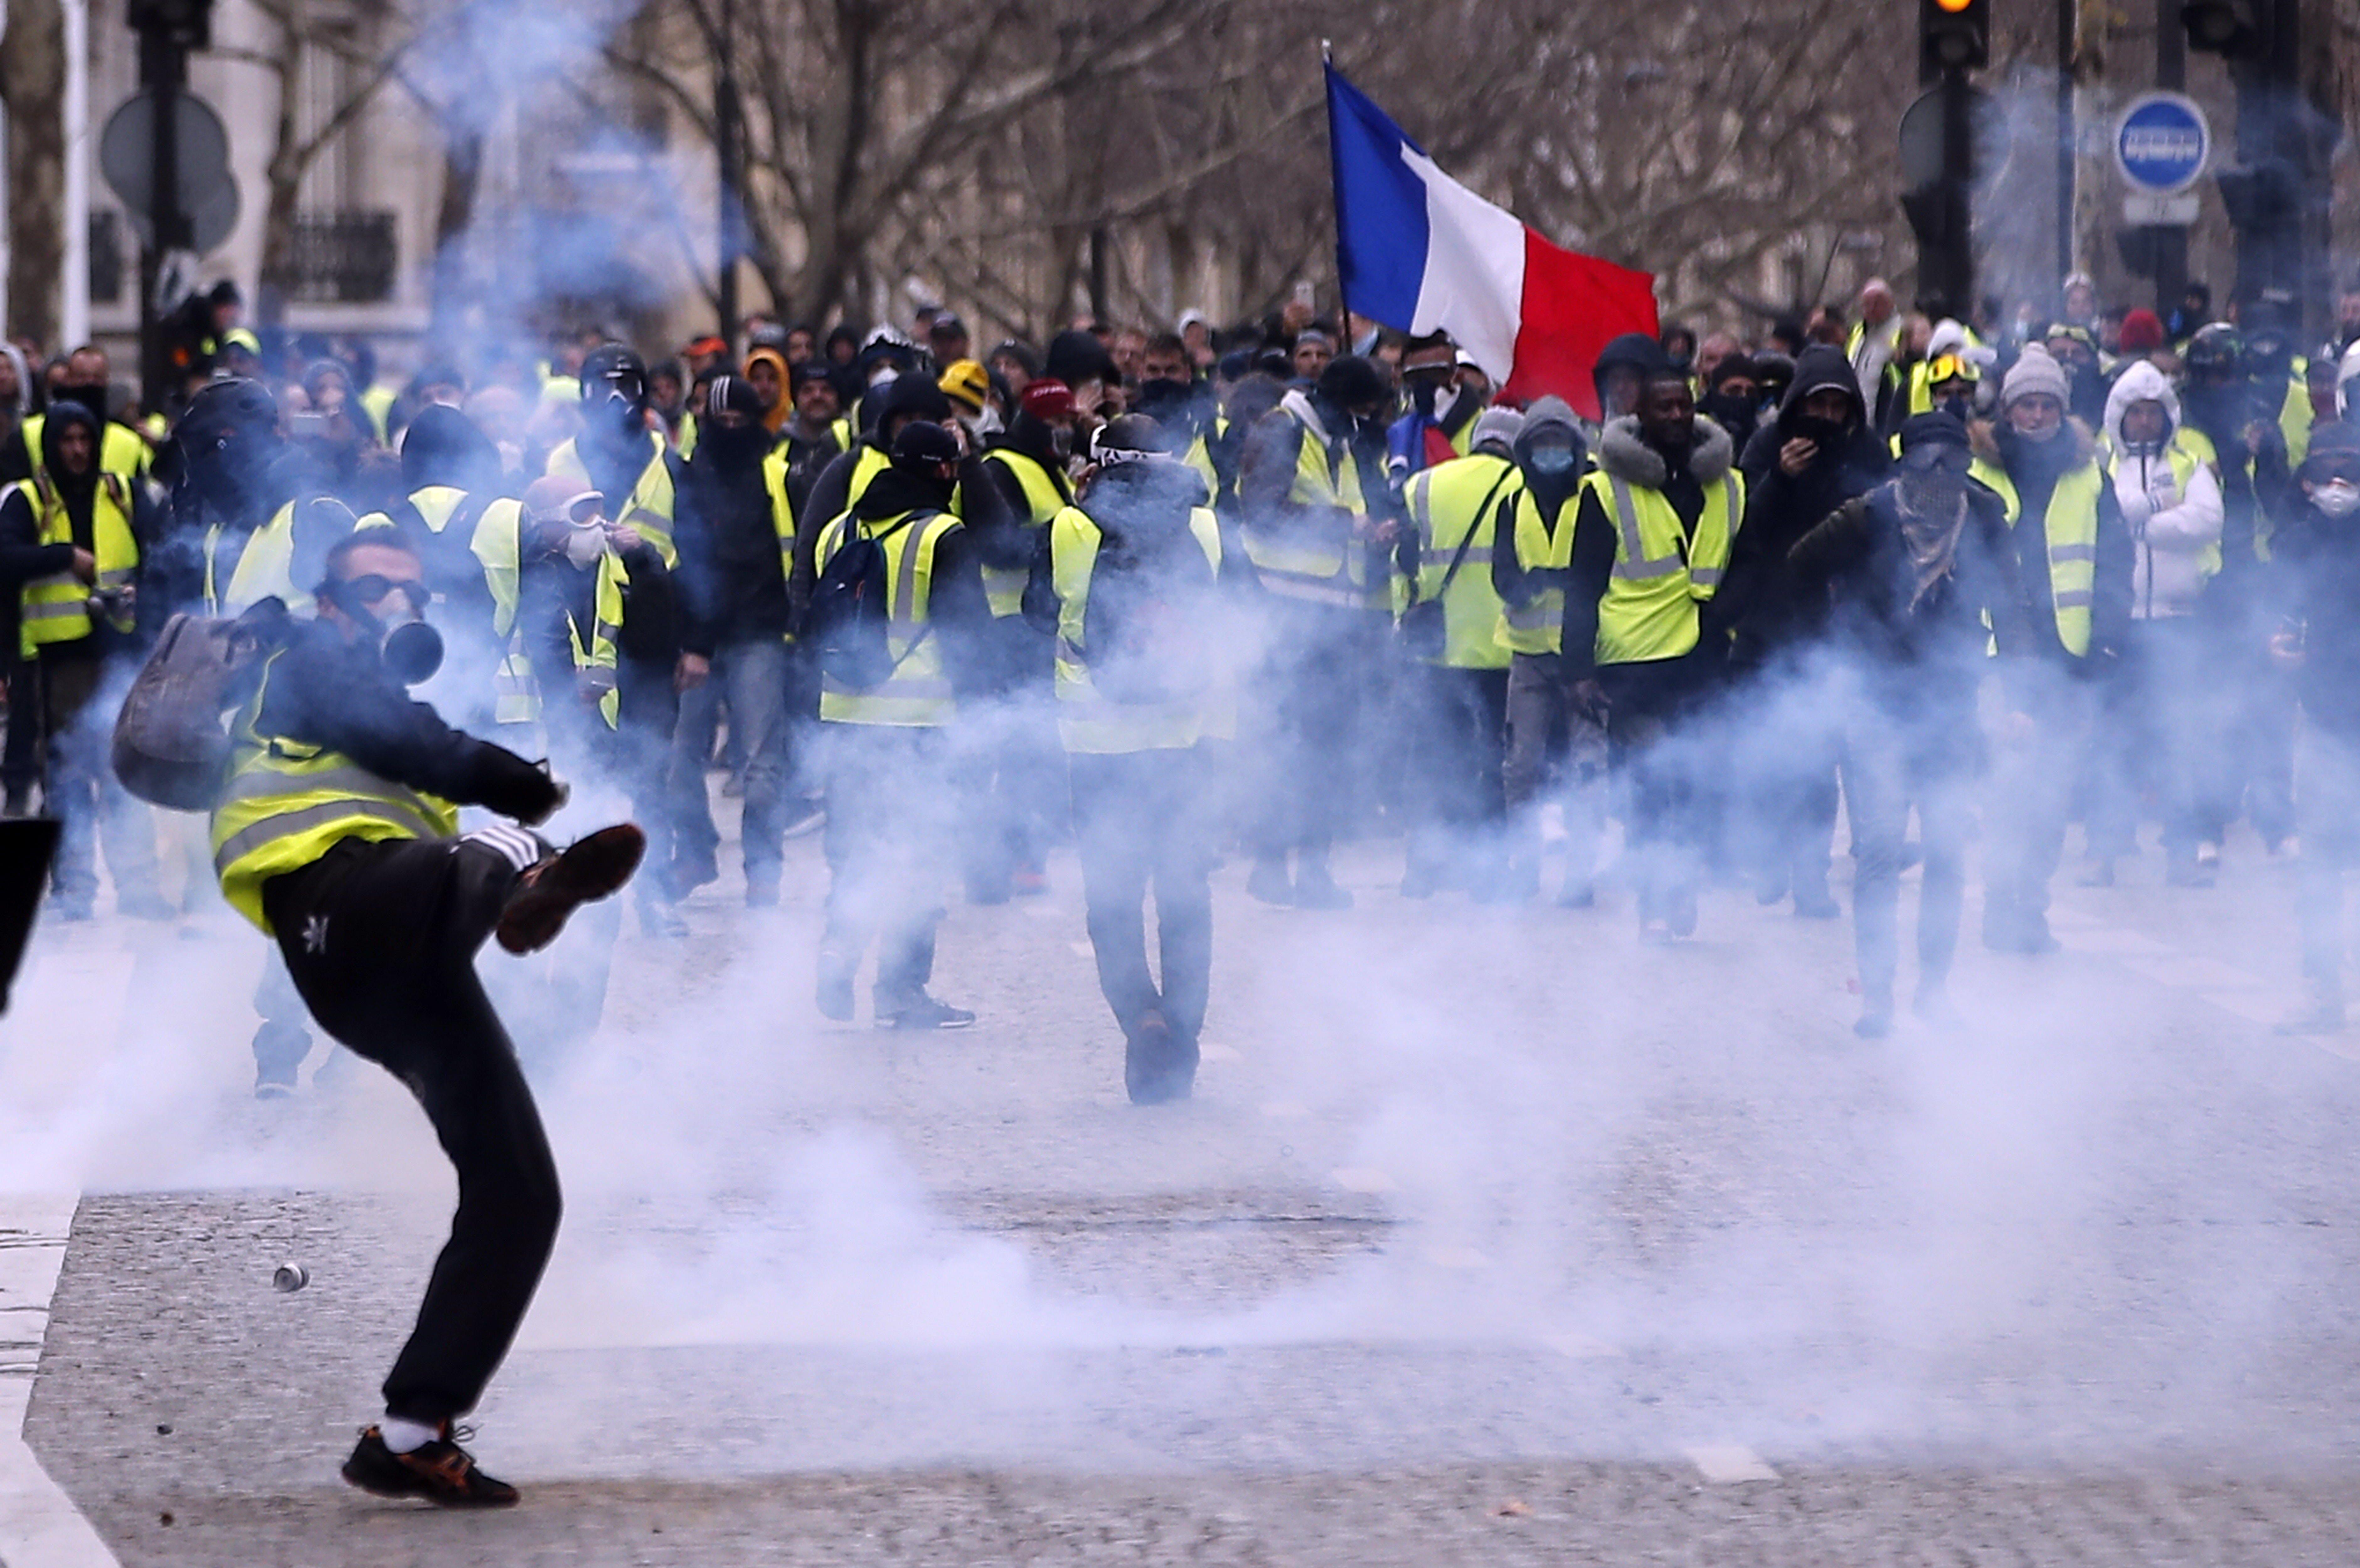 Arde París por los chalecos amarillos: casi 1.000 detenidos y 70 heridos